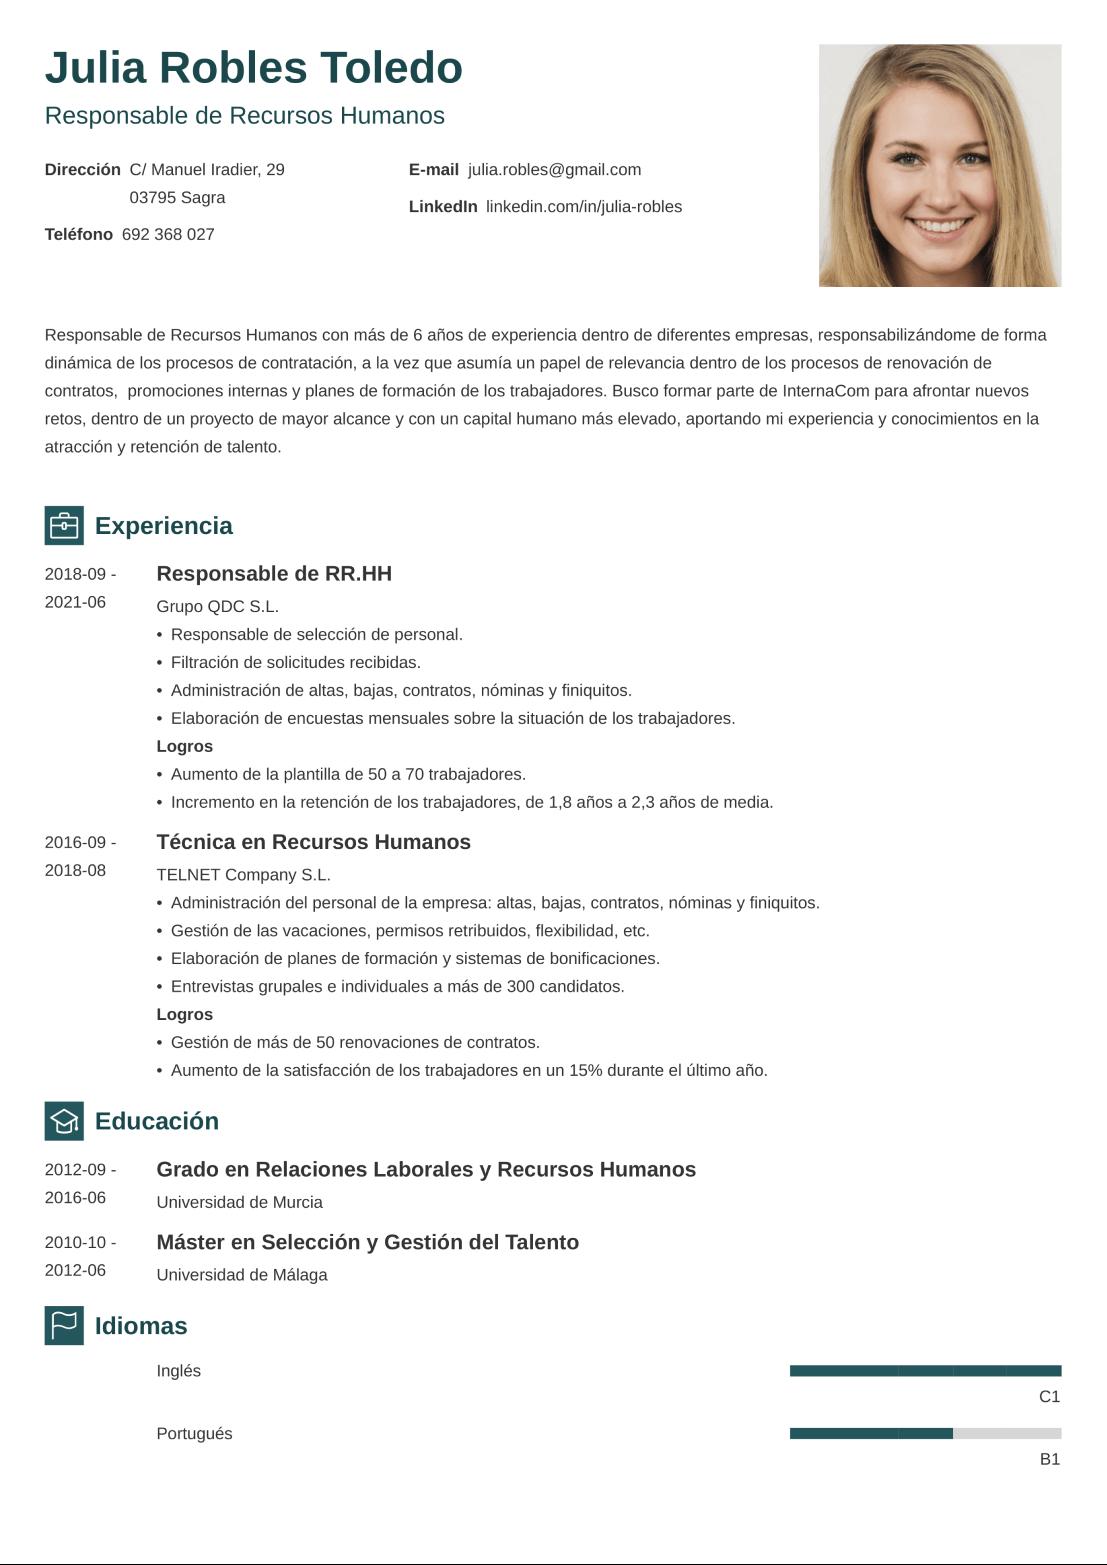 CV online newcast